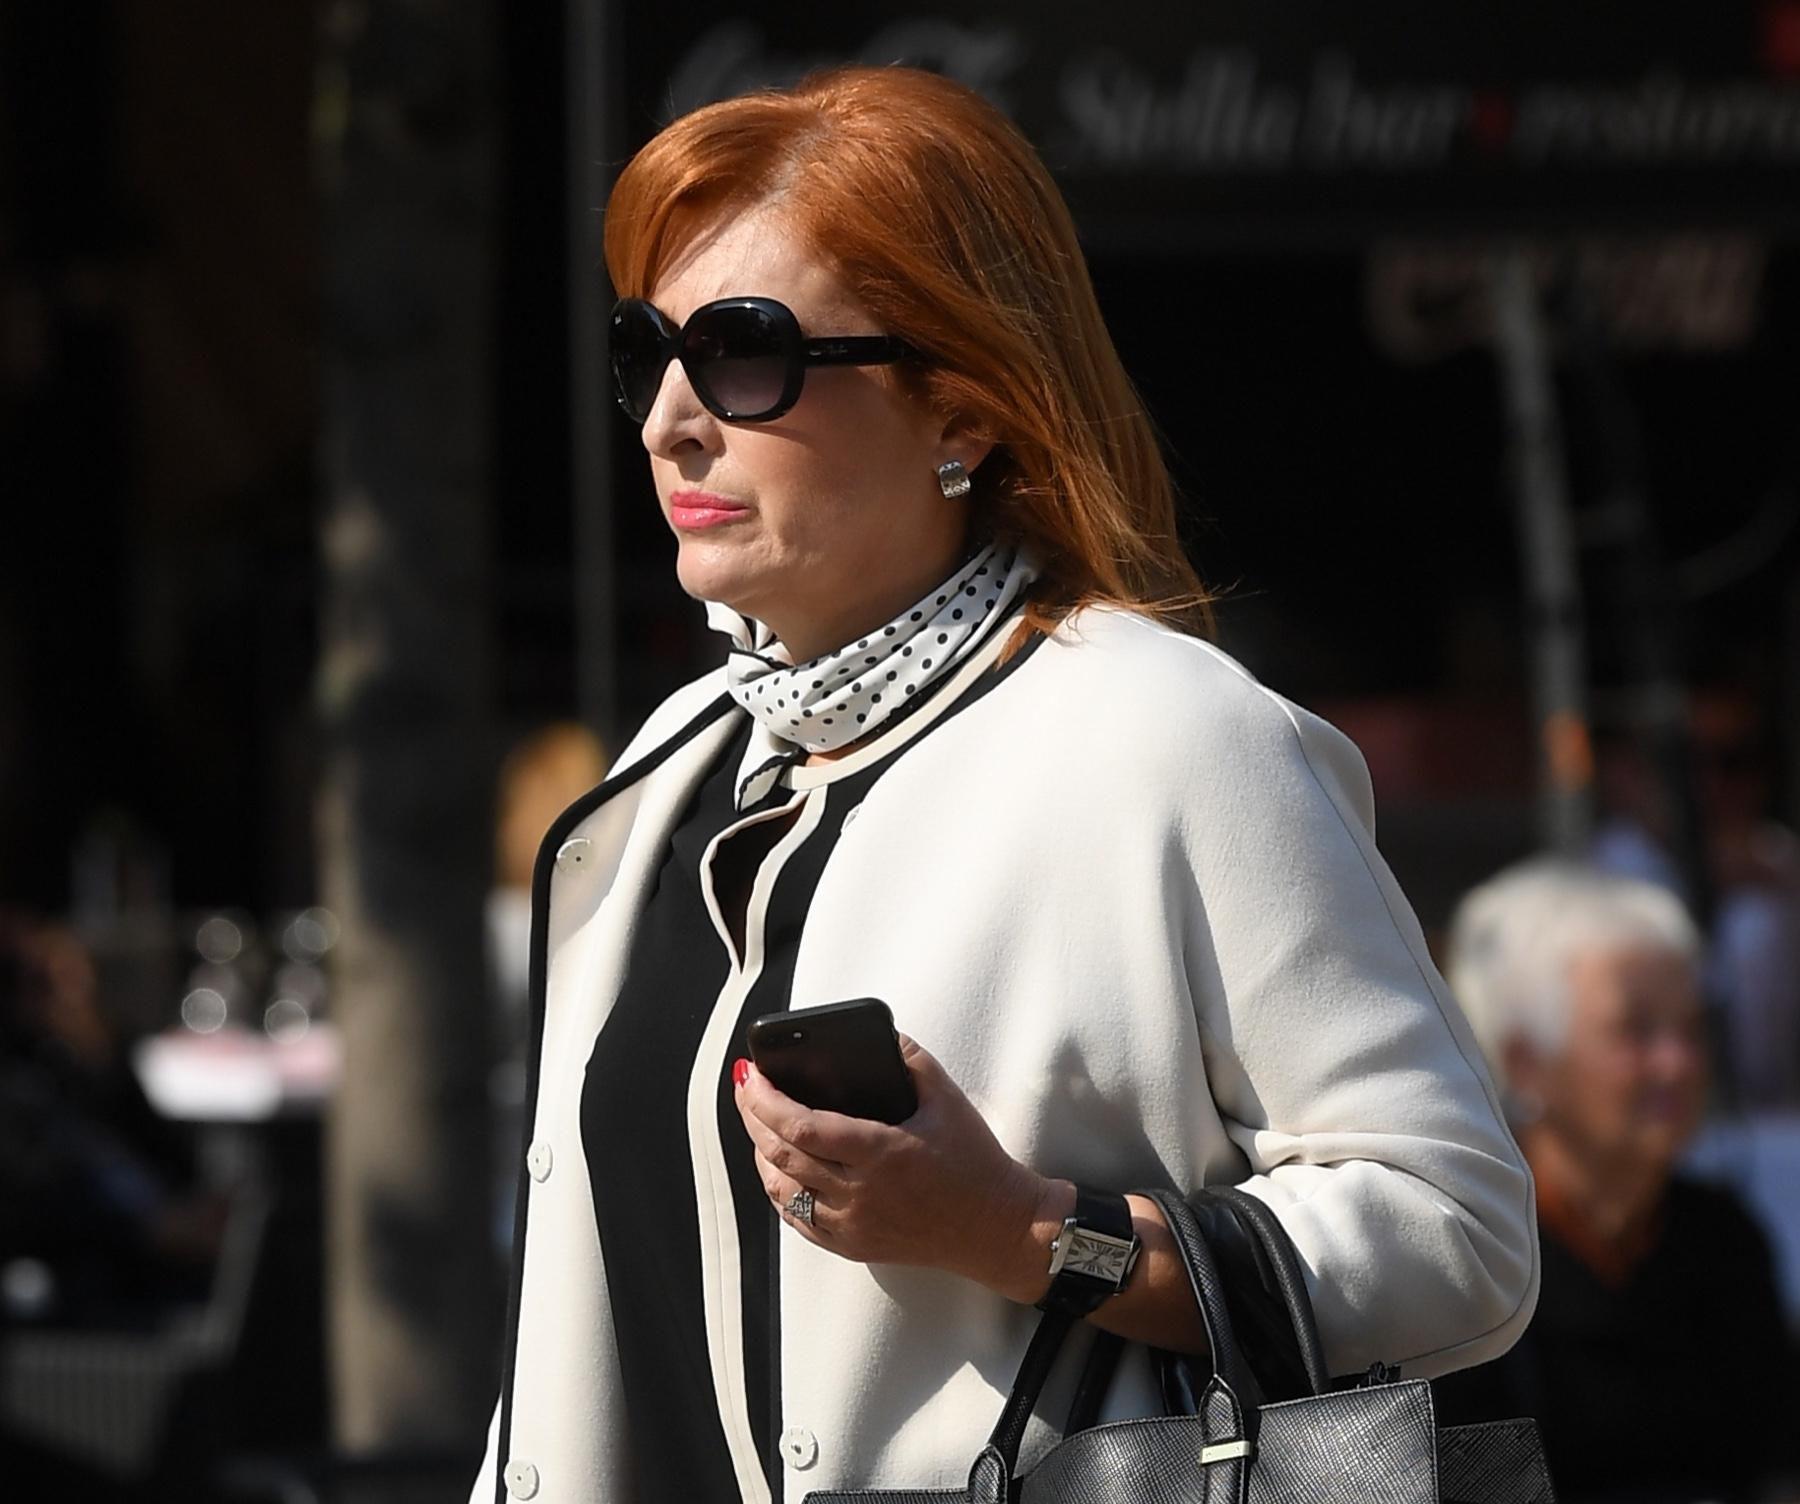 Prava modna inspiracija: Od ove gospođe svi možemo mnogo toga naučiti o stilu